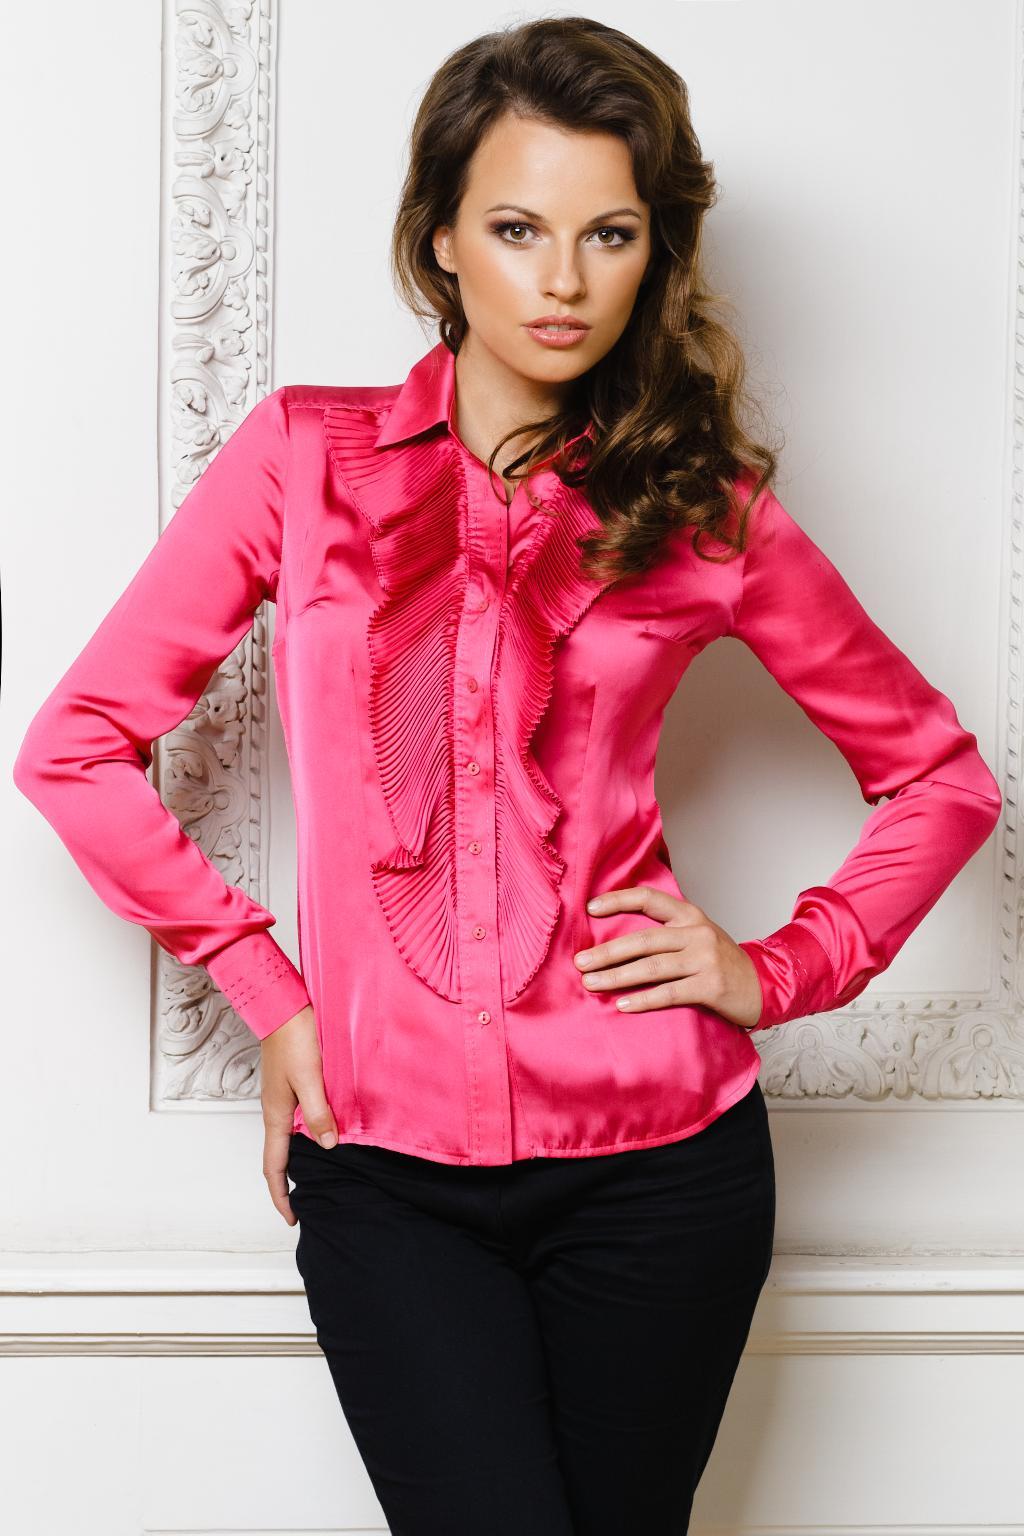 Блузки Очень Красивые Купить